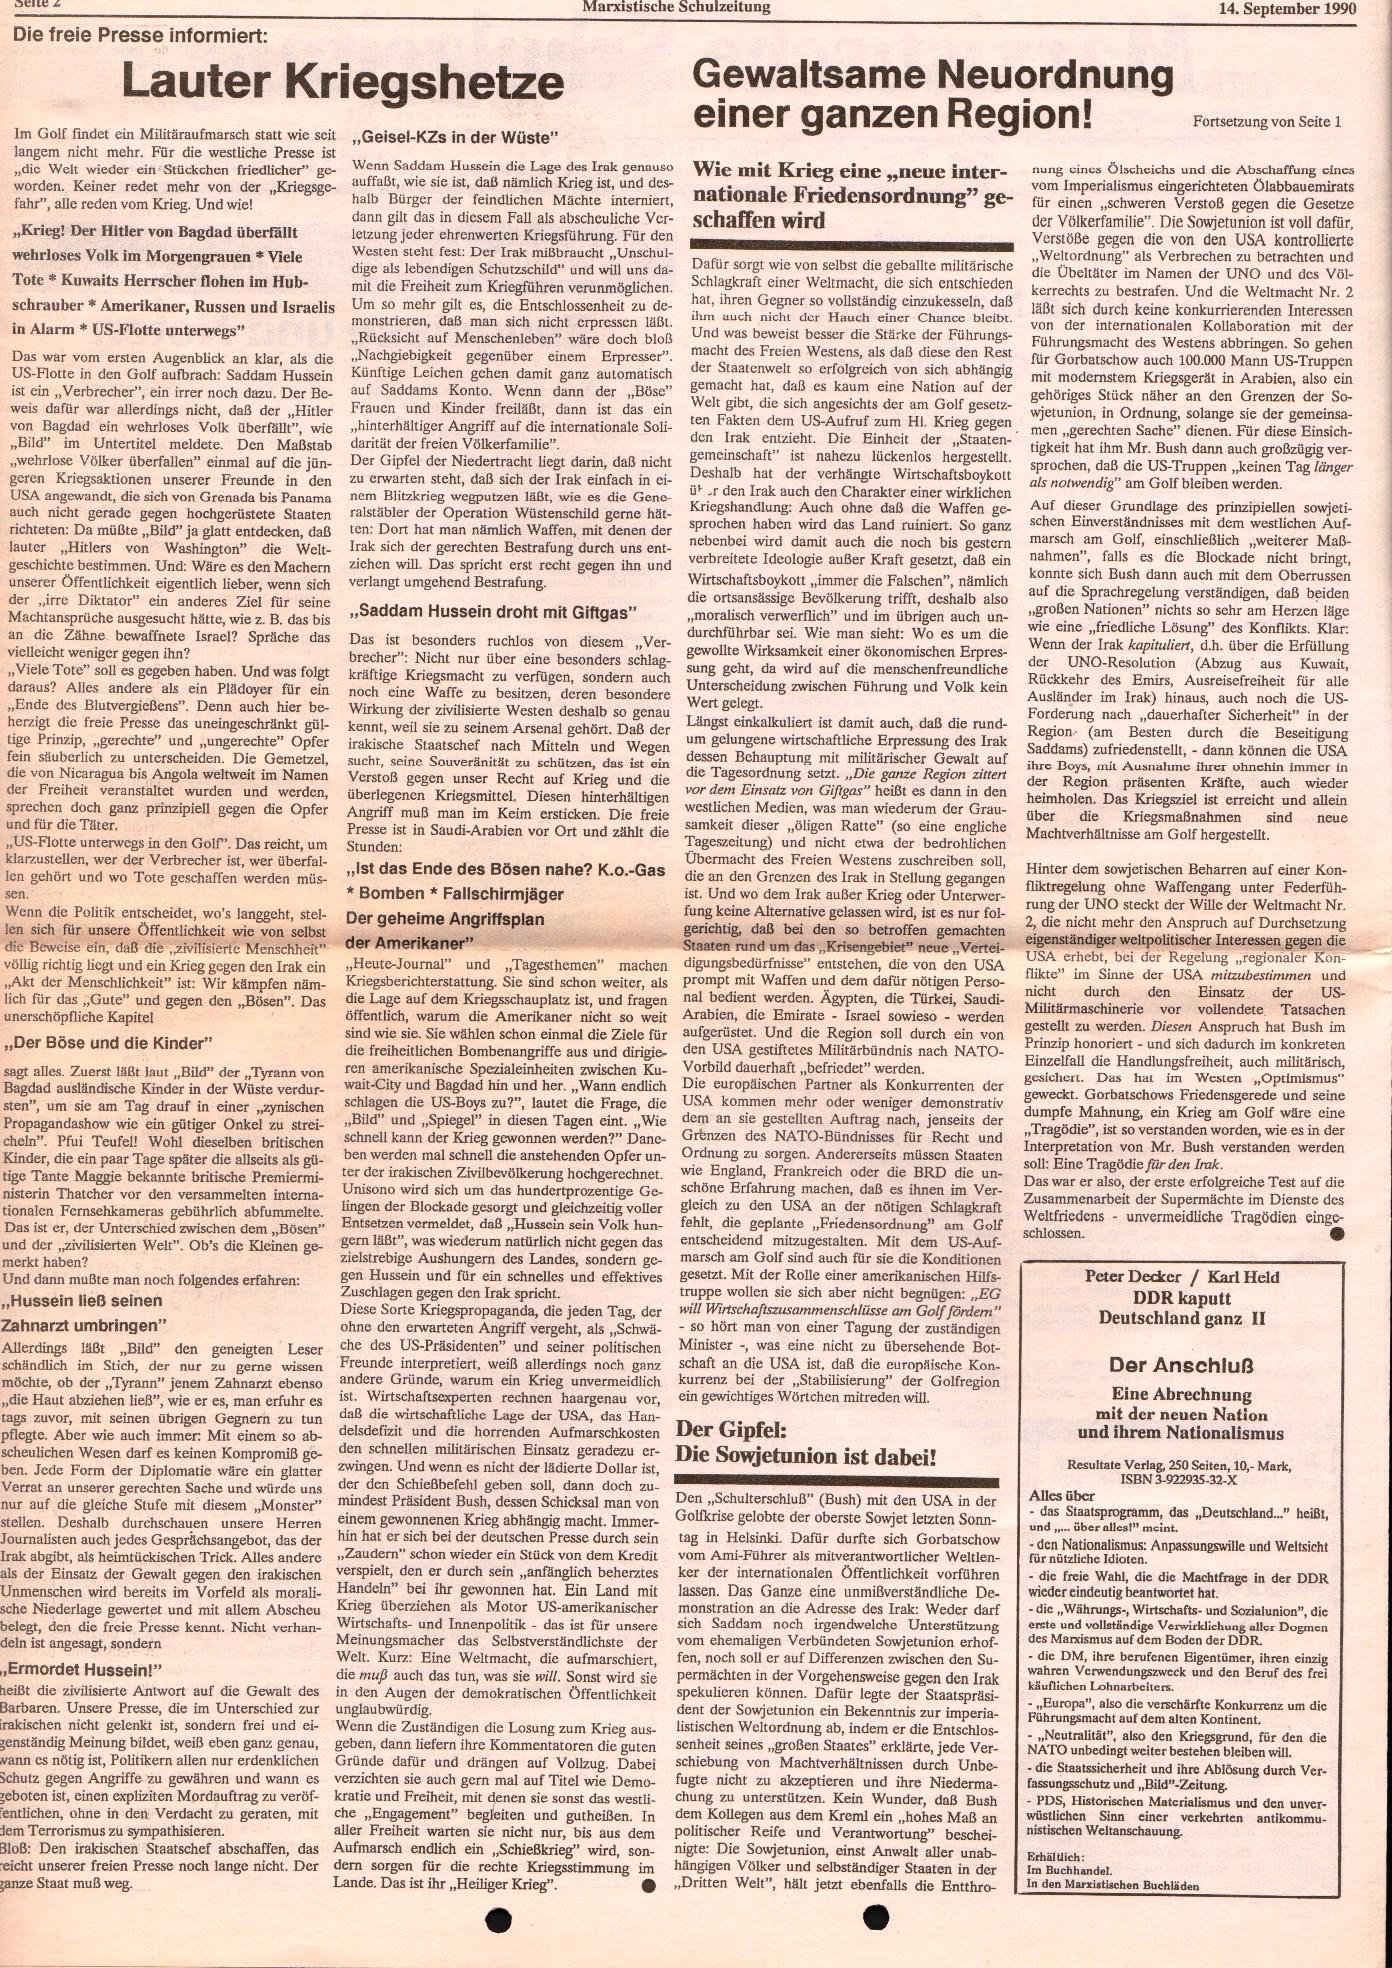 Ruhrgebiet_MG_Marxistische_Schulzeitung_19900914_02